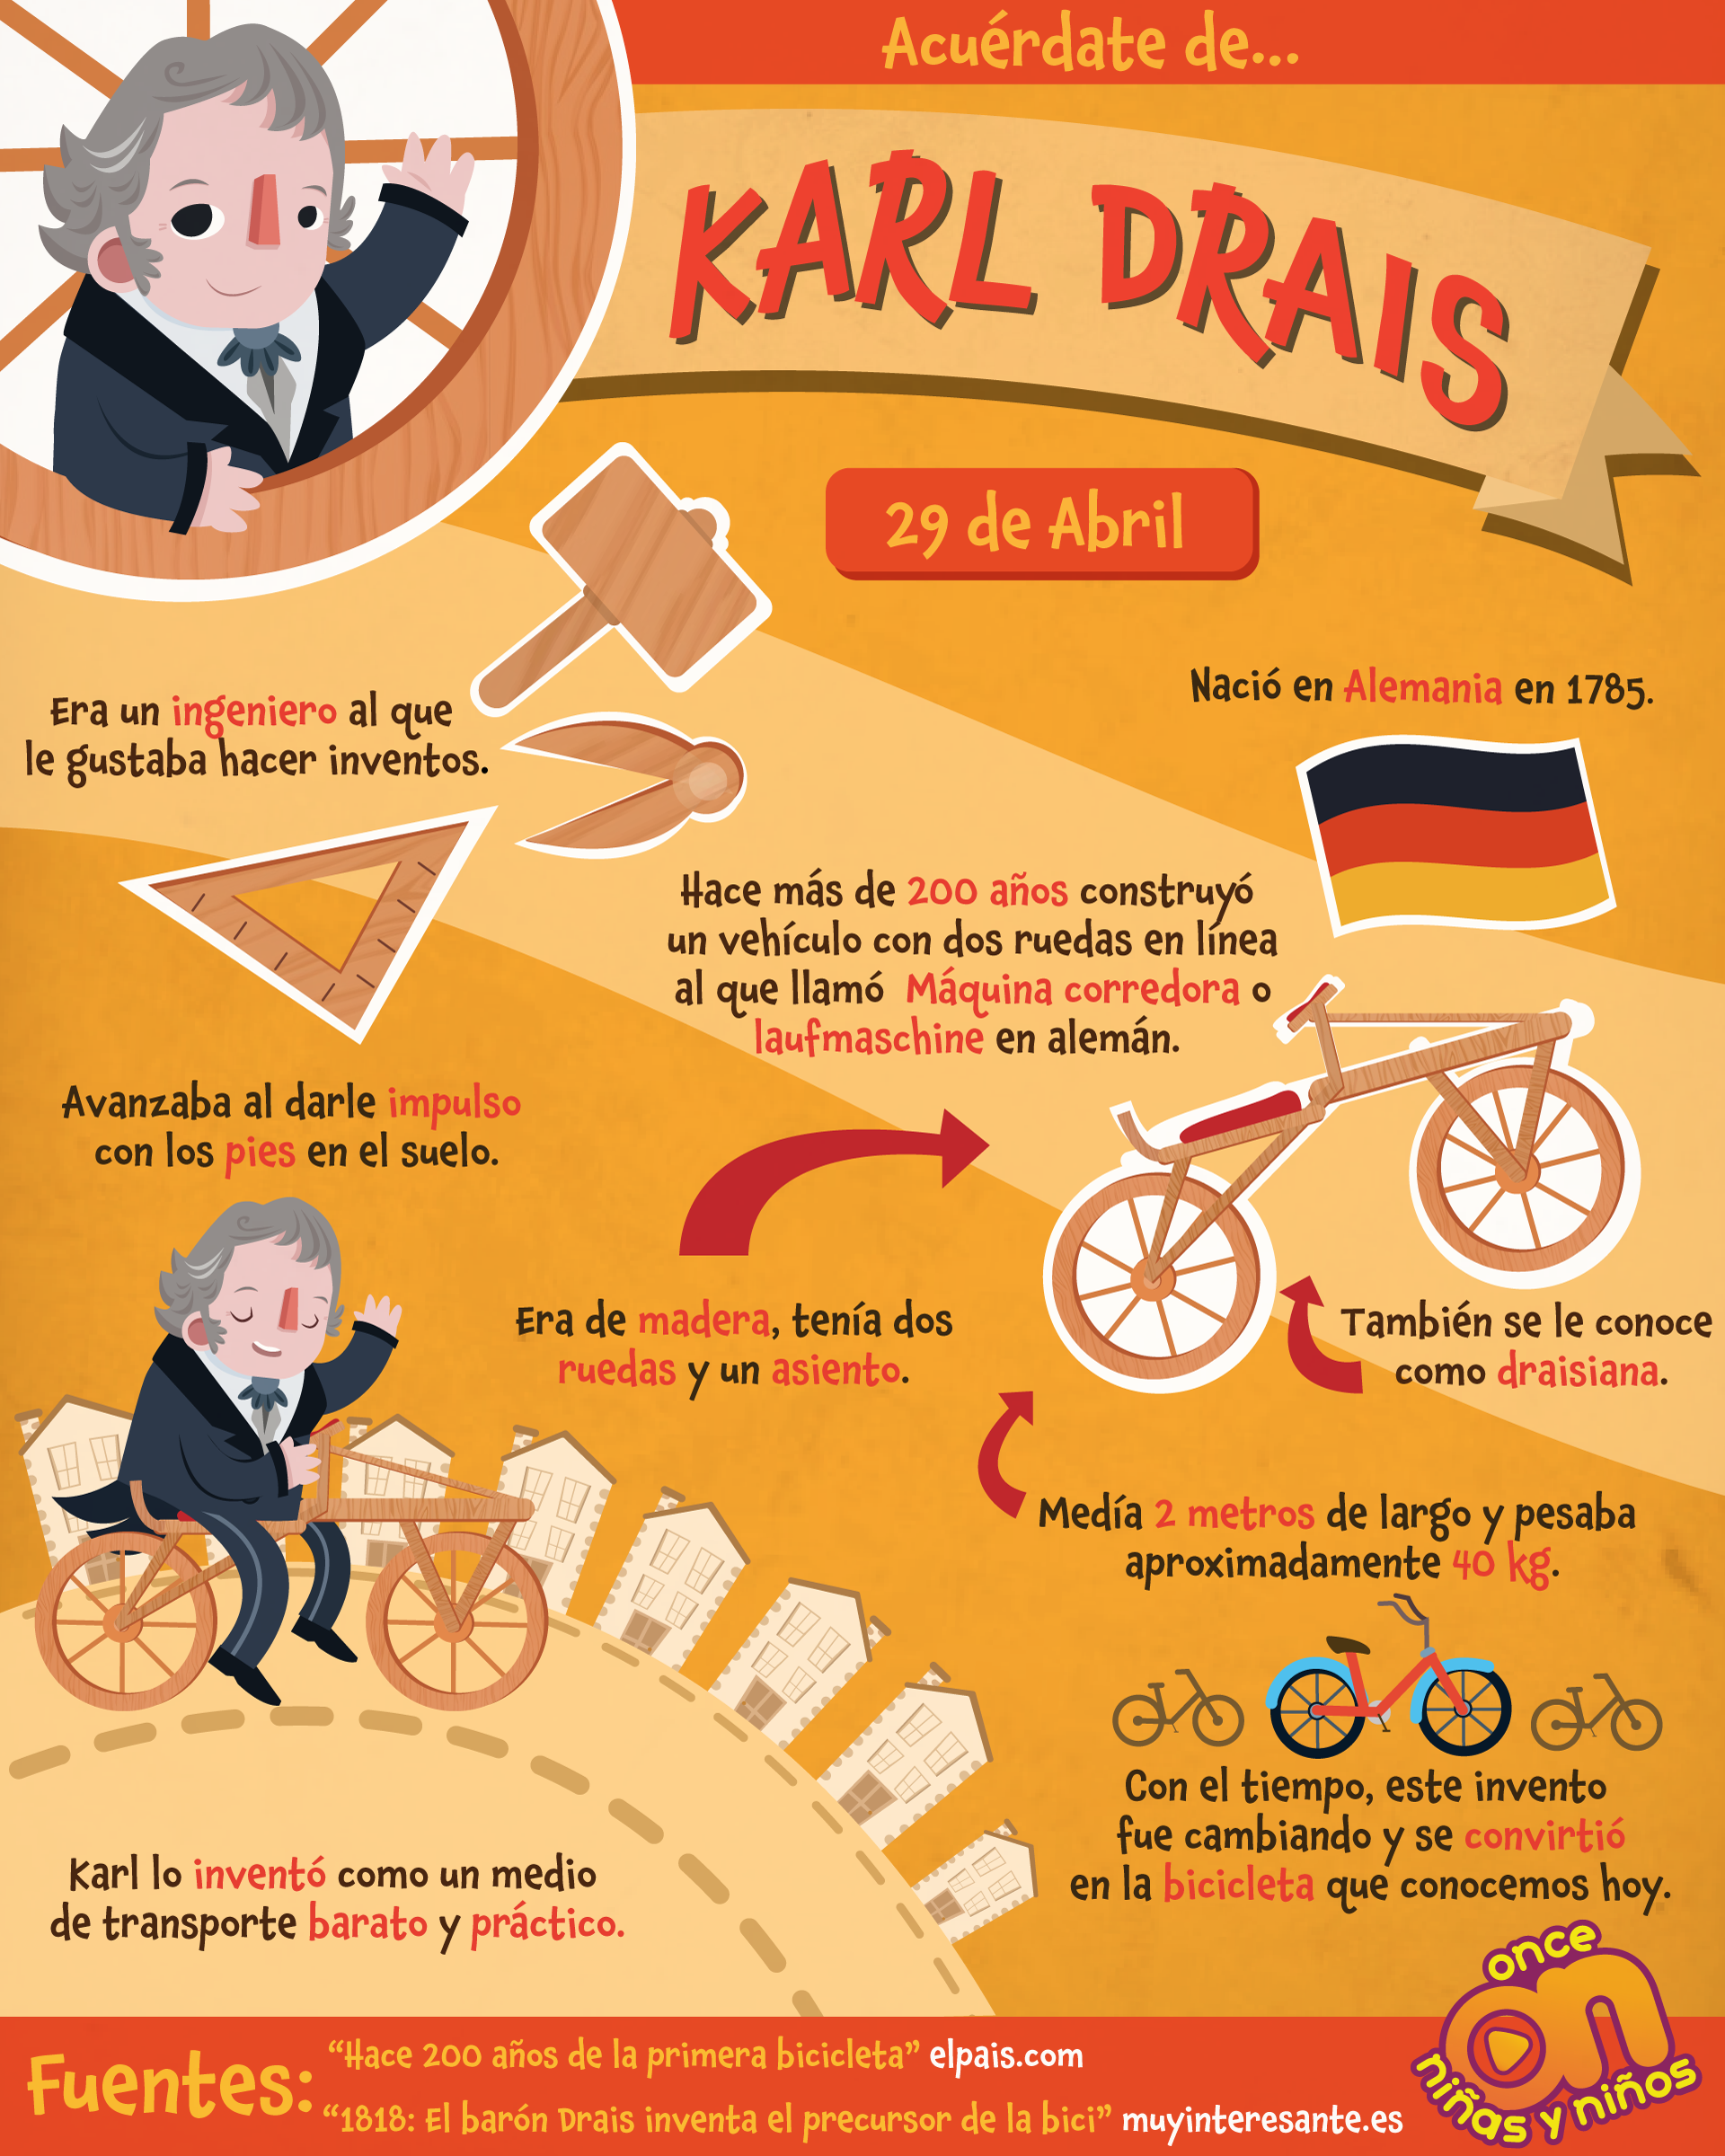 Karl Drais  Once Niñas y Niños  Nació en Alemania en 1785.  Era un ingeniero al que le gustaba hacer inventos.  Hace más de 200 años construyó un vehículo con dos ruedas en línea al que llamó Máquina corredora o laufmaschine en alemán.    También se le conoce como draisiana.  Con el tiempo, este invento fue cambiando y se convirtió en la bicicleta que conocemos hoy.